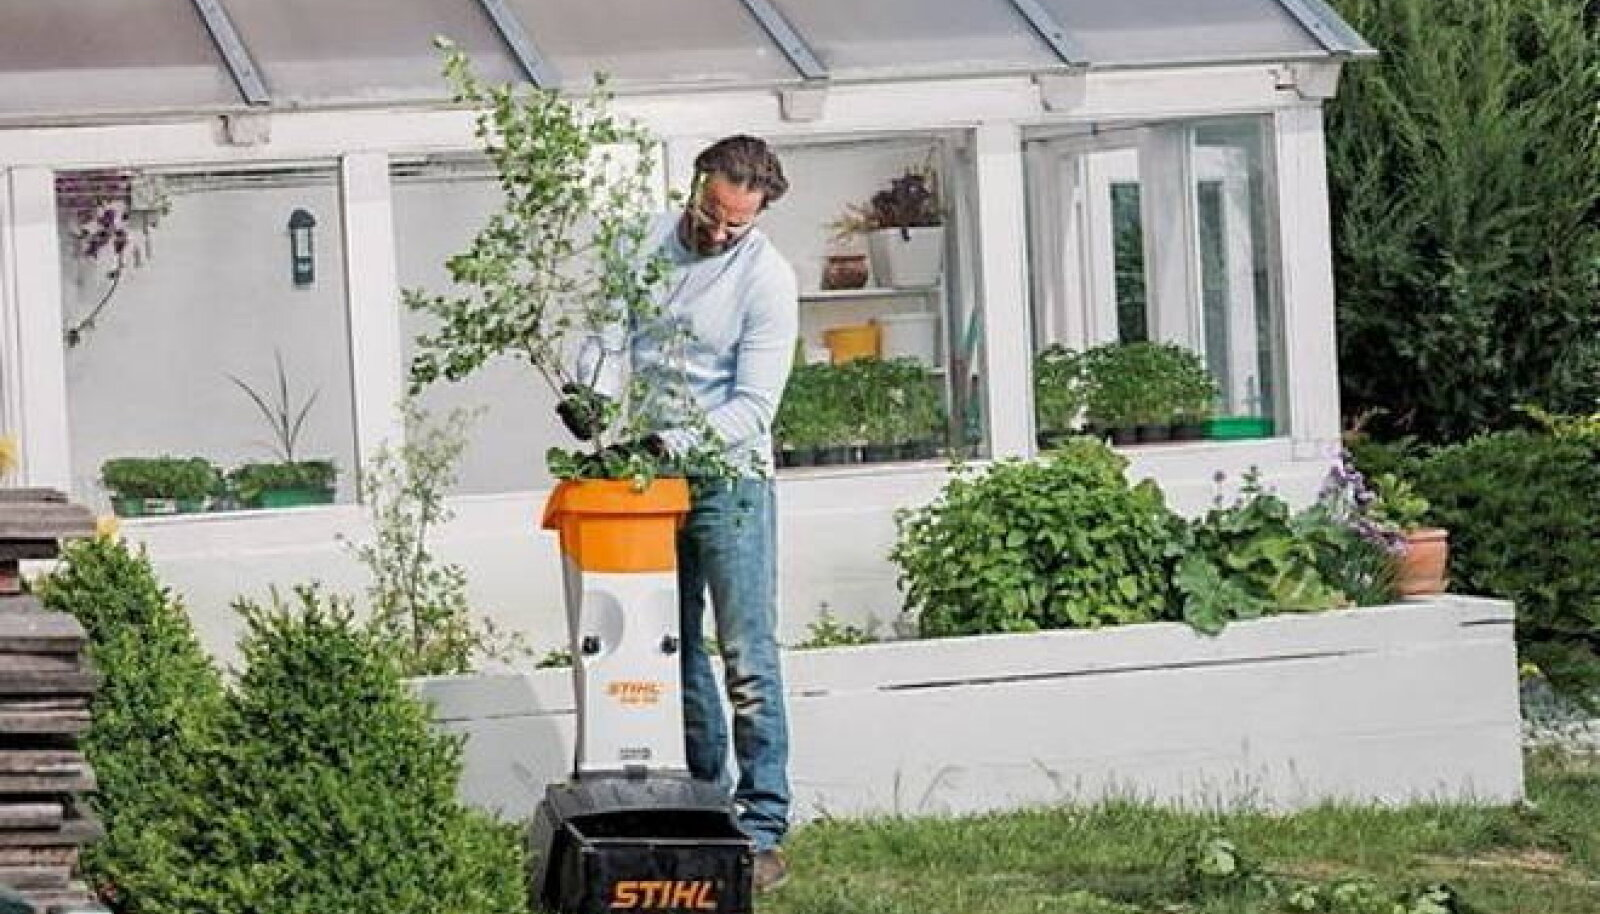 Tänapäevane oksapurustaja ei ole mõeldud ainult okstele, vaid sobib ka kõikidele aias purustamist vajavatele taimedele ja lehtedele